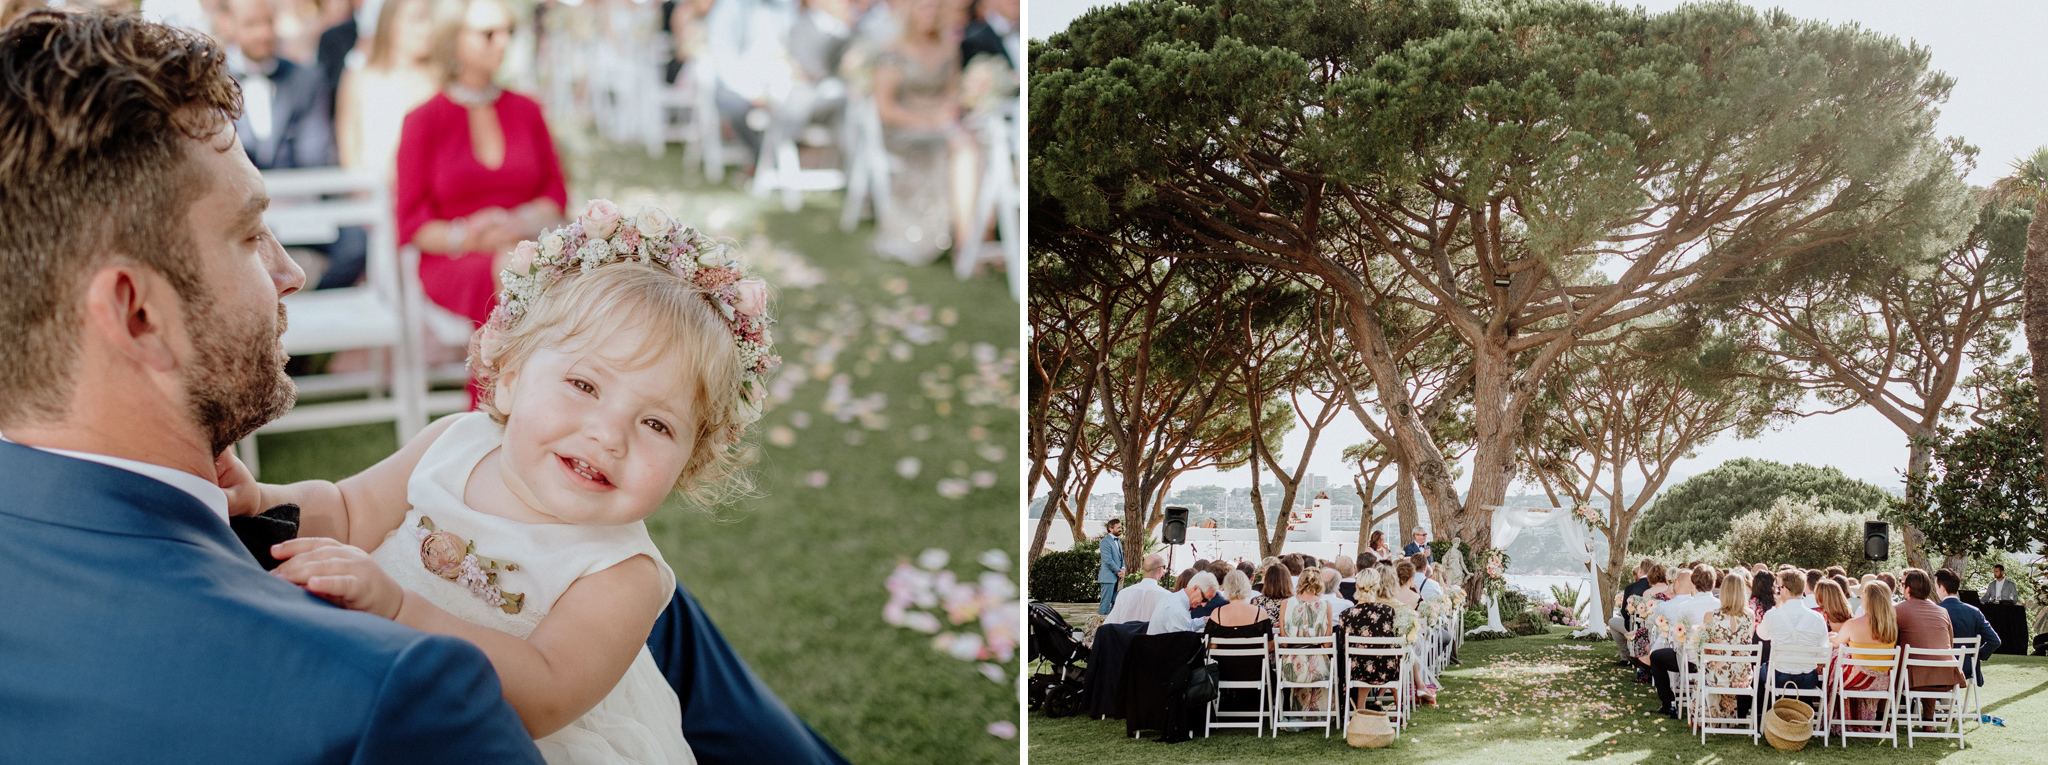 fotografo-boda-barcelona0035.jpg